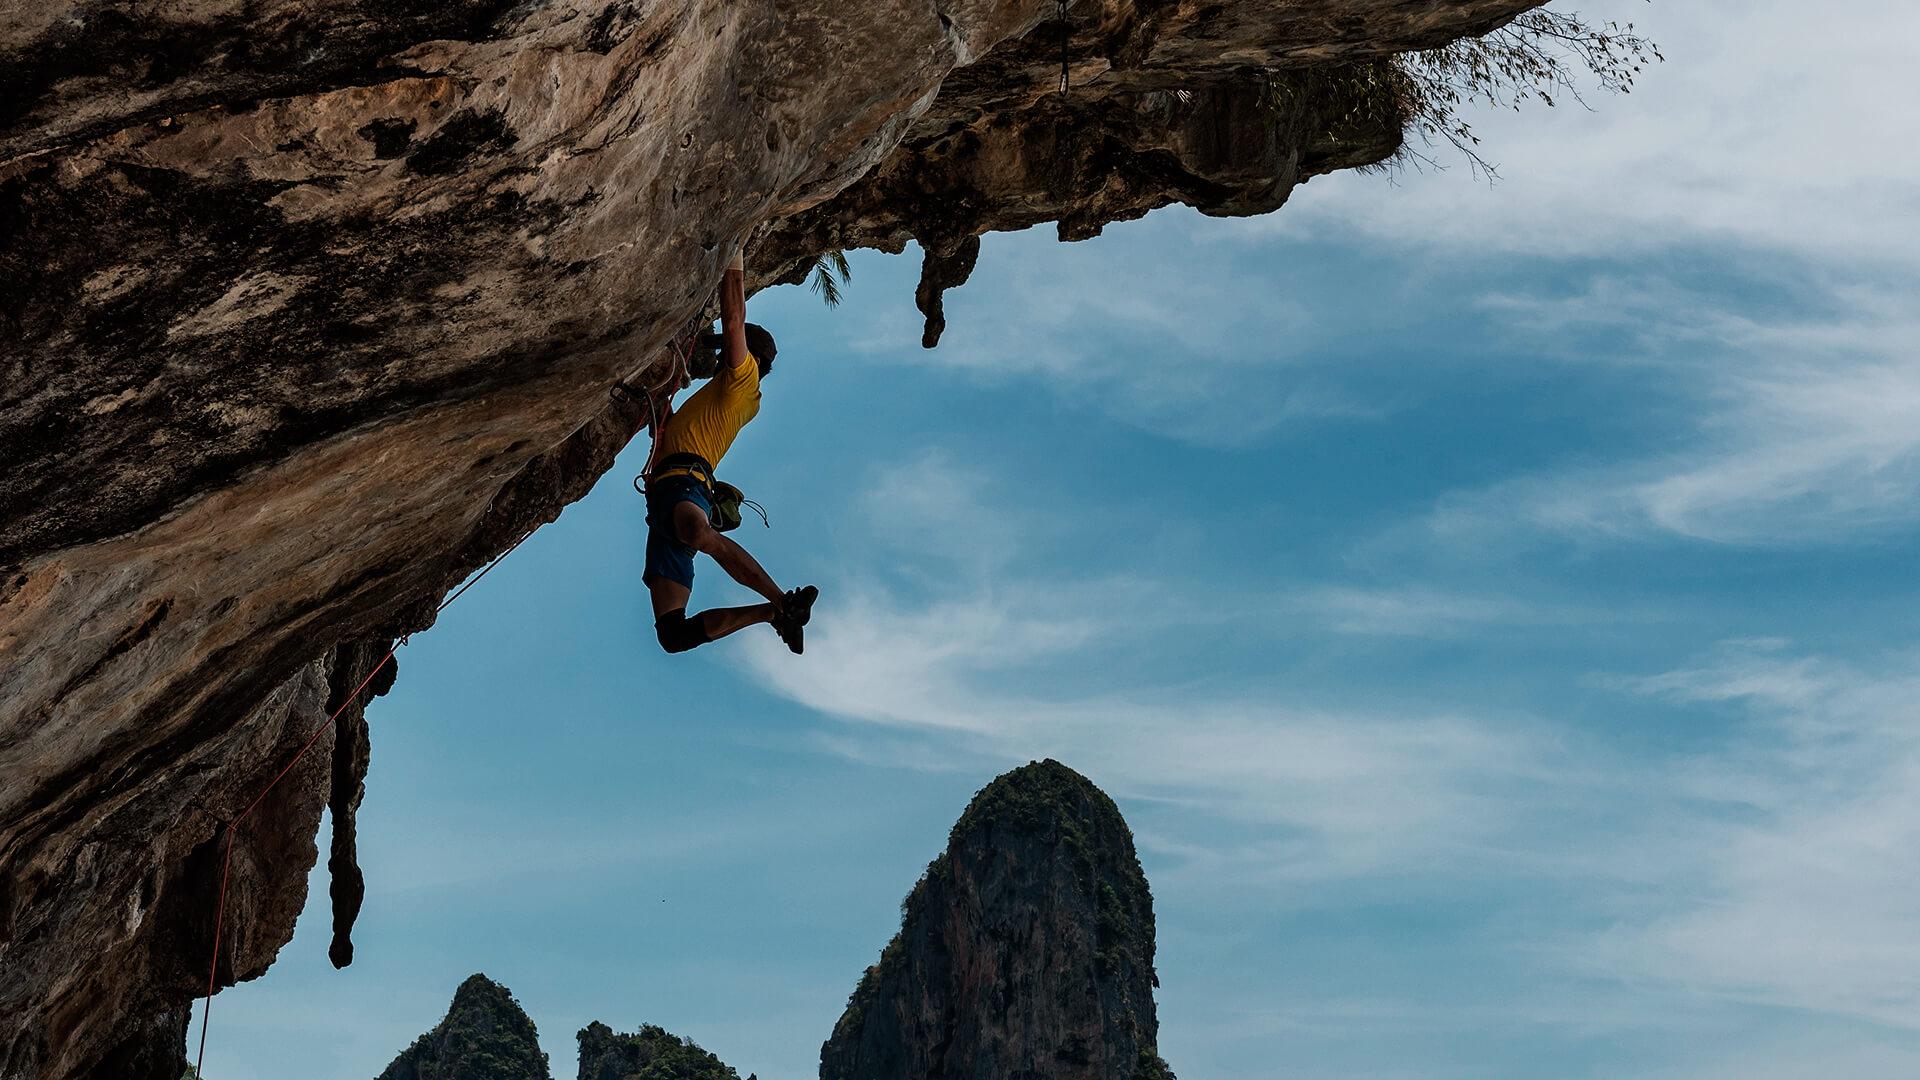 Homem praticando escalada em uma montanha. Está pendurado na montanha, no fundo um céu bem azul.